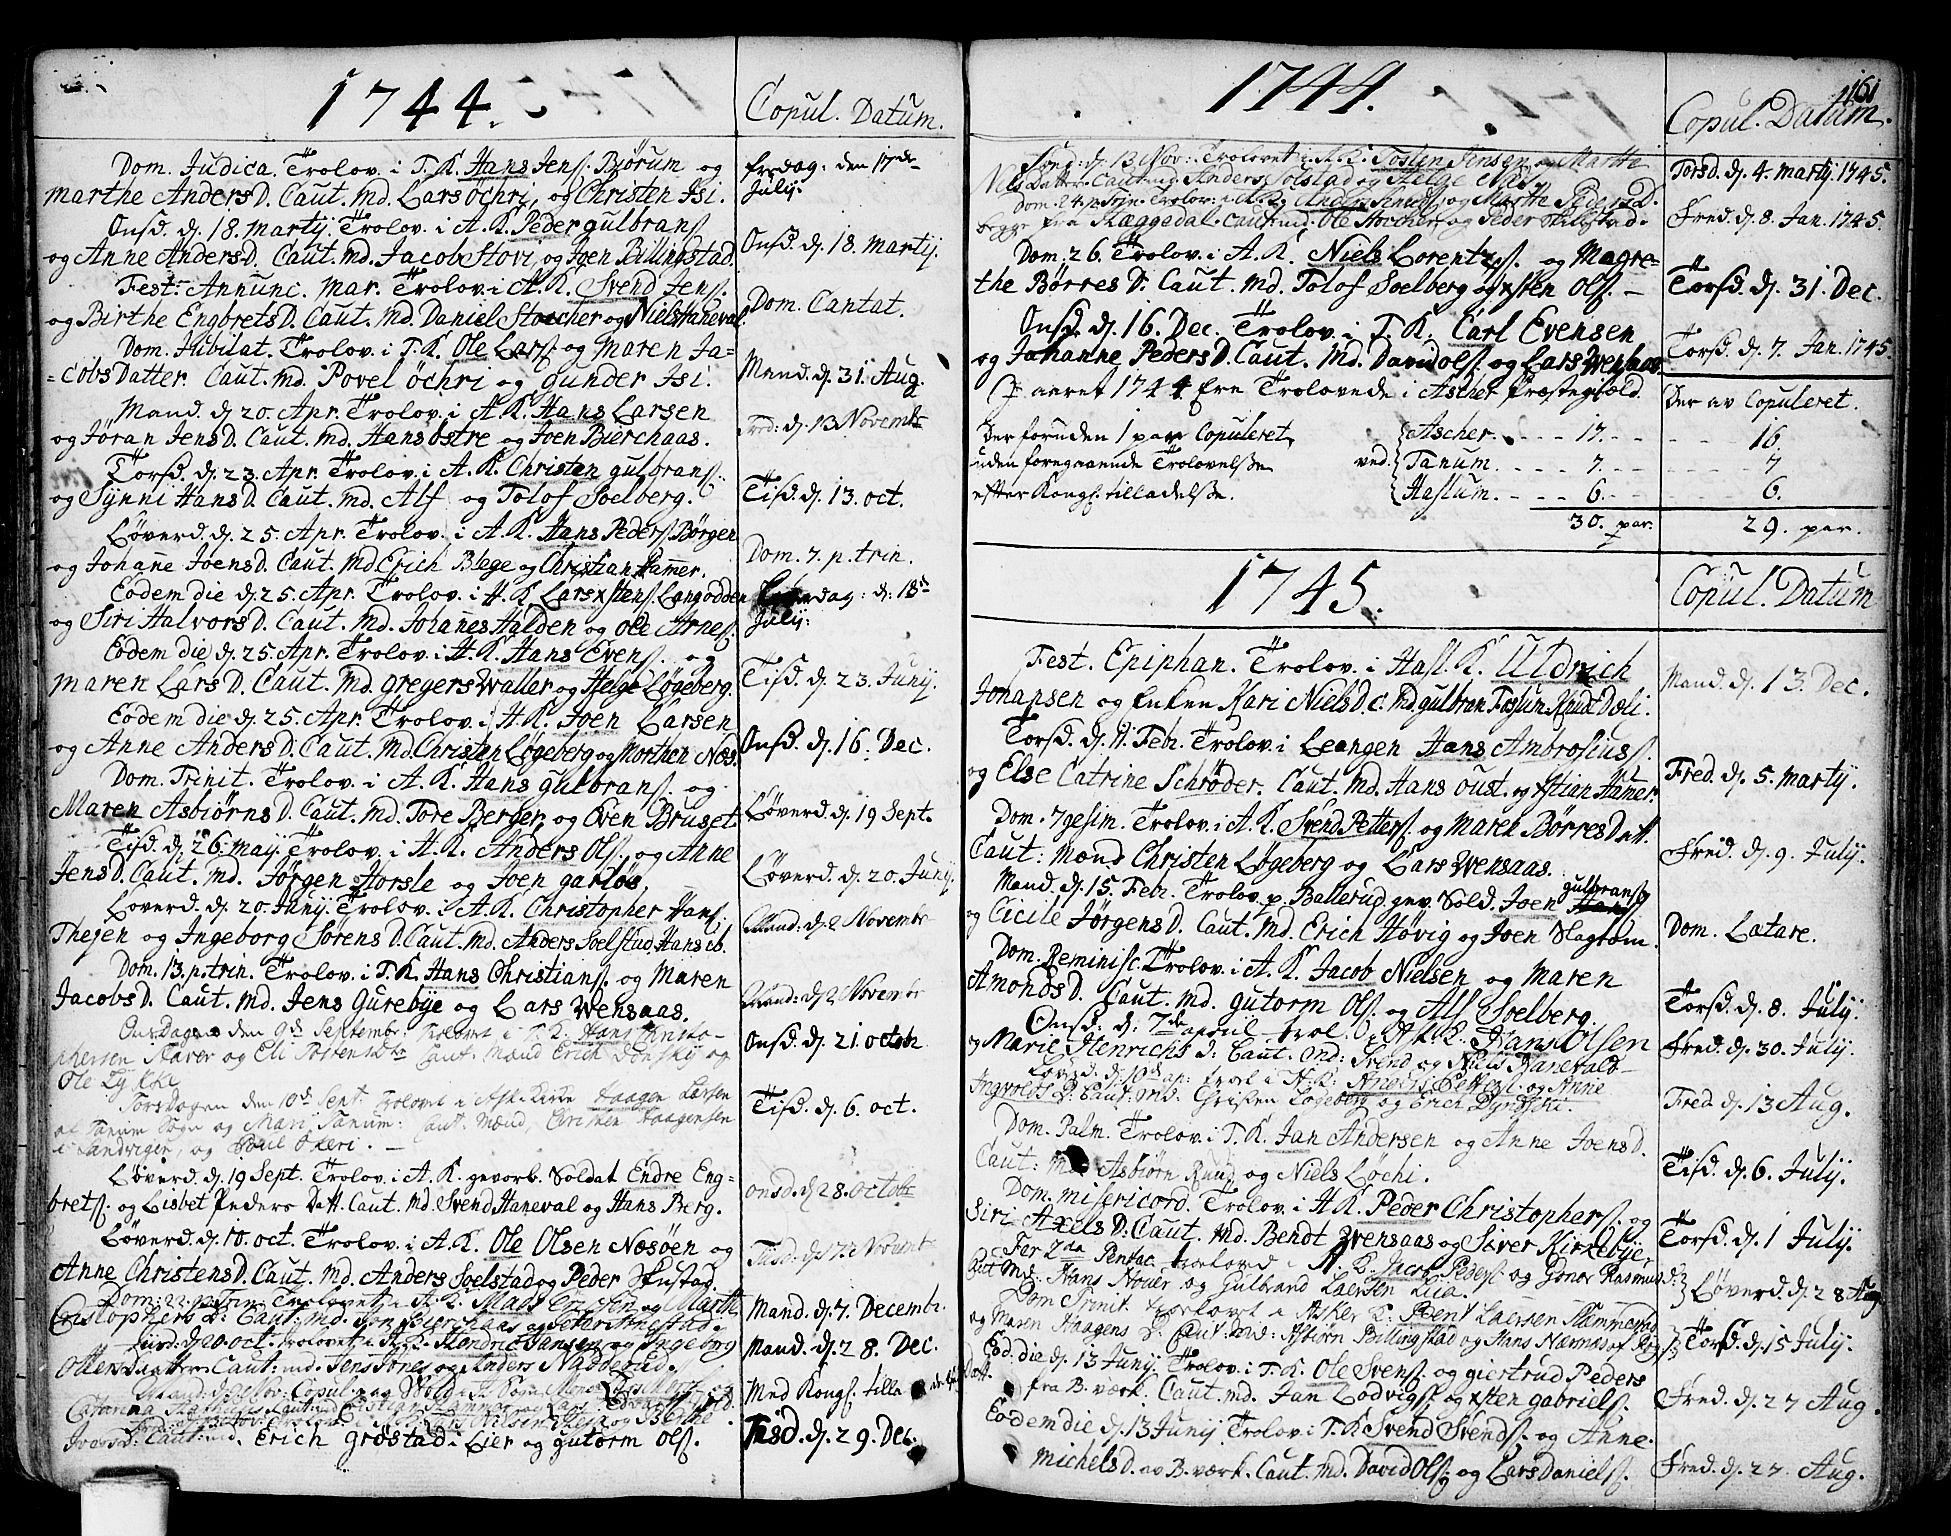 SAO, Asker prestekontor Kirkebøker, F/Fa/L0002: Ministerialbok nr. I 2, 1733-1766, s. 161